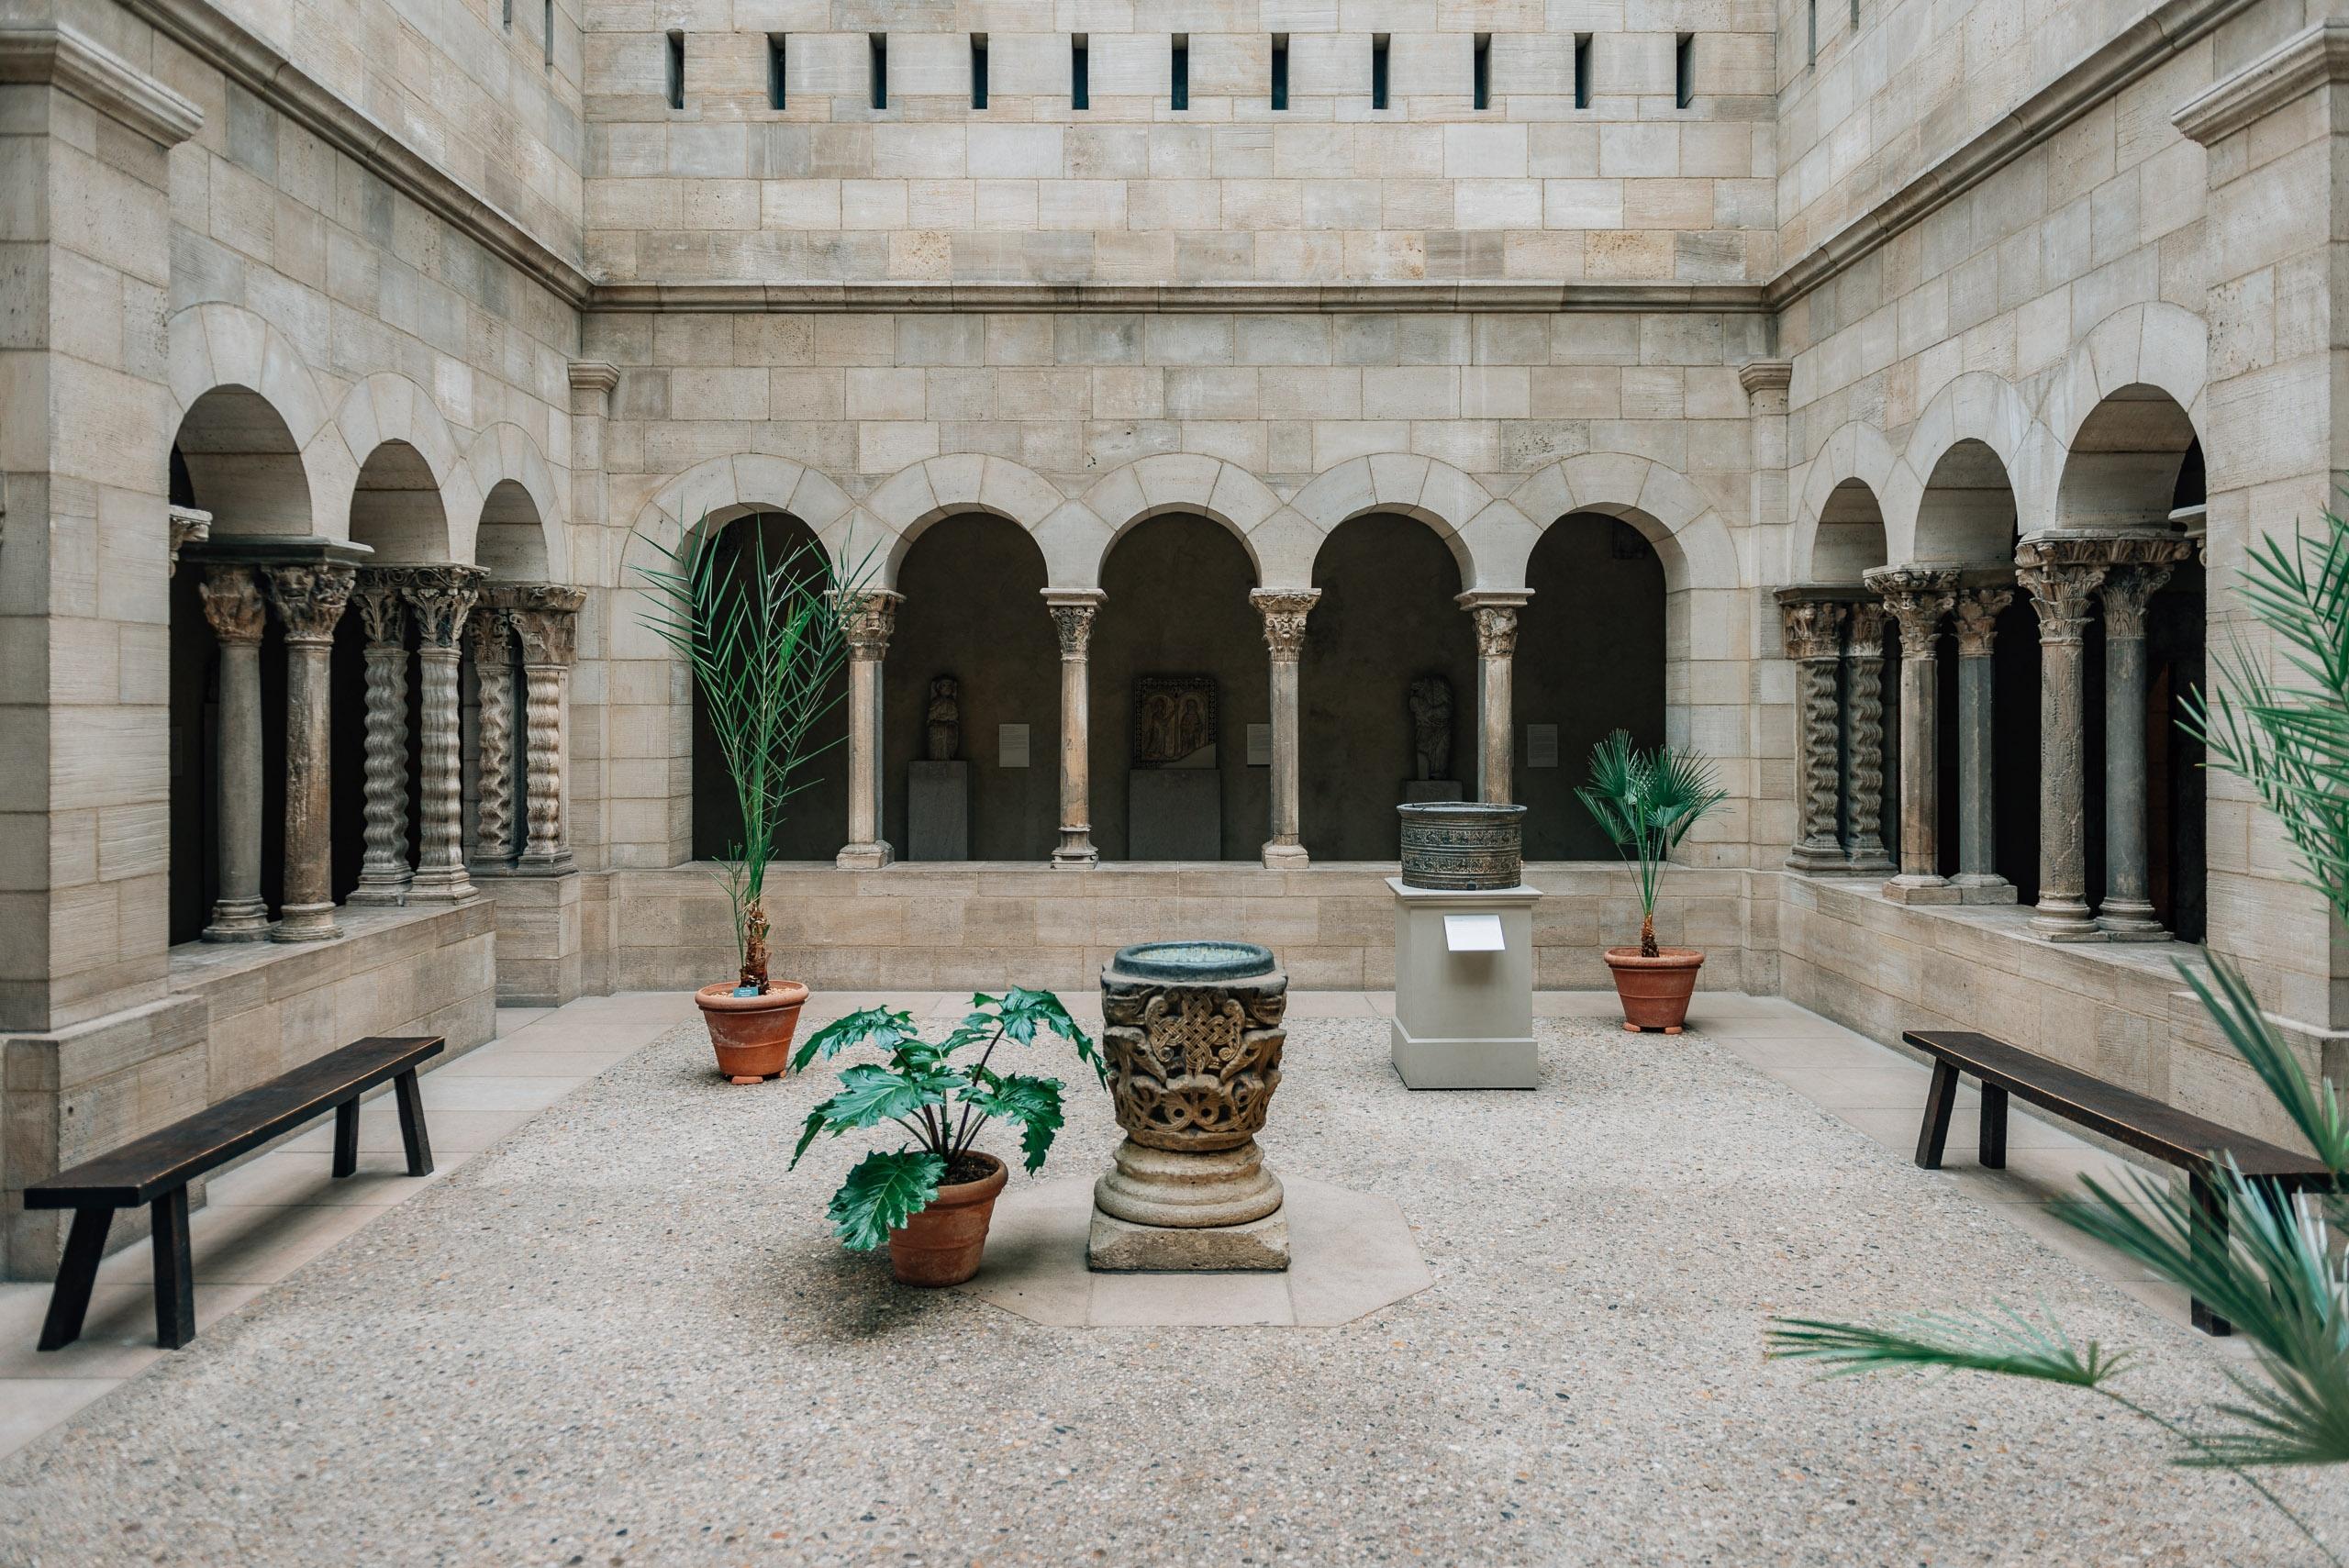 The Indoor Courtyard